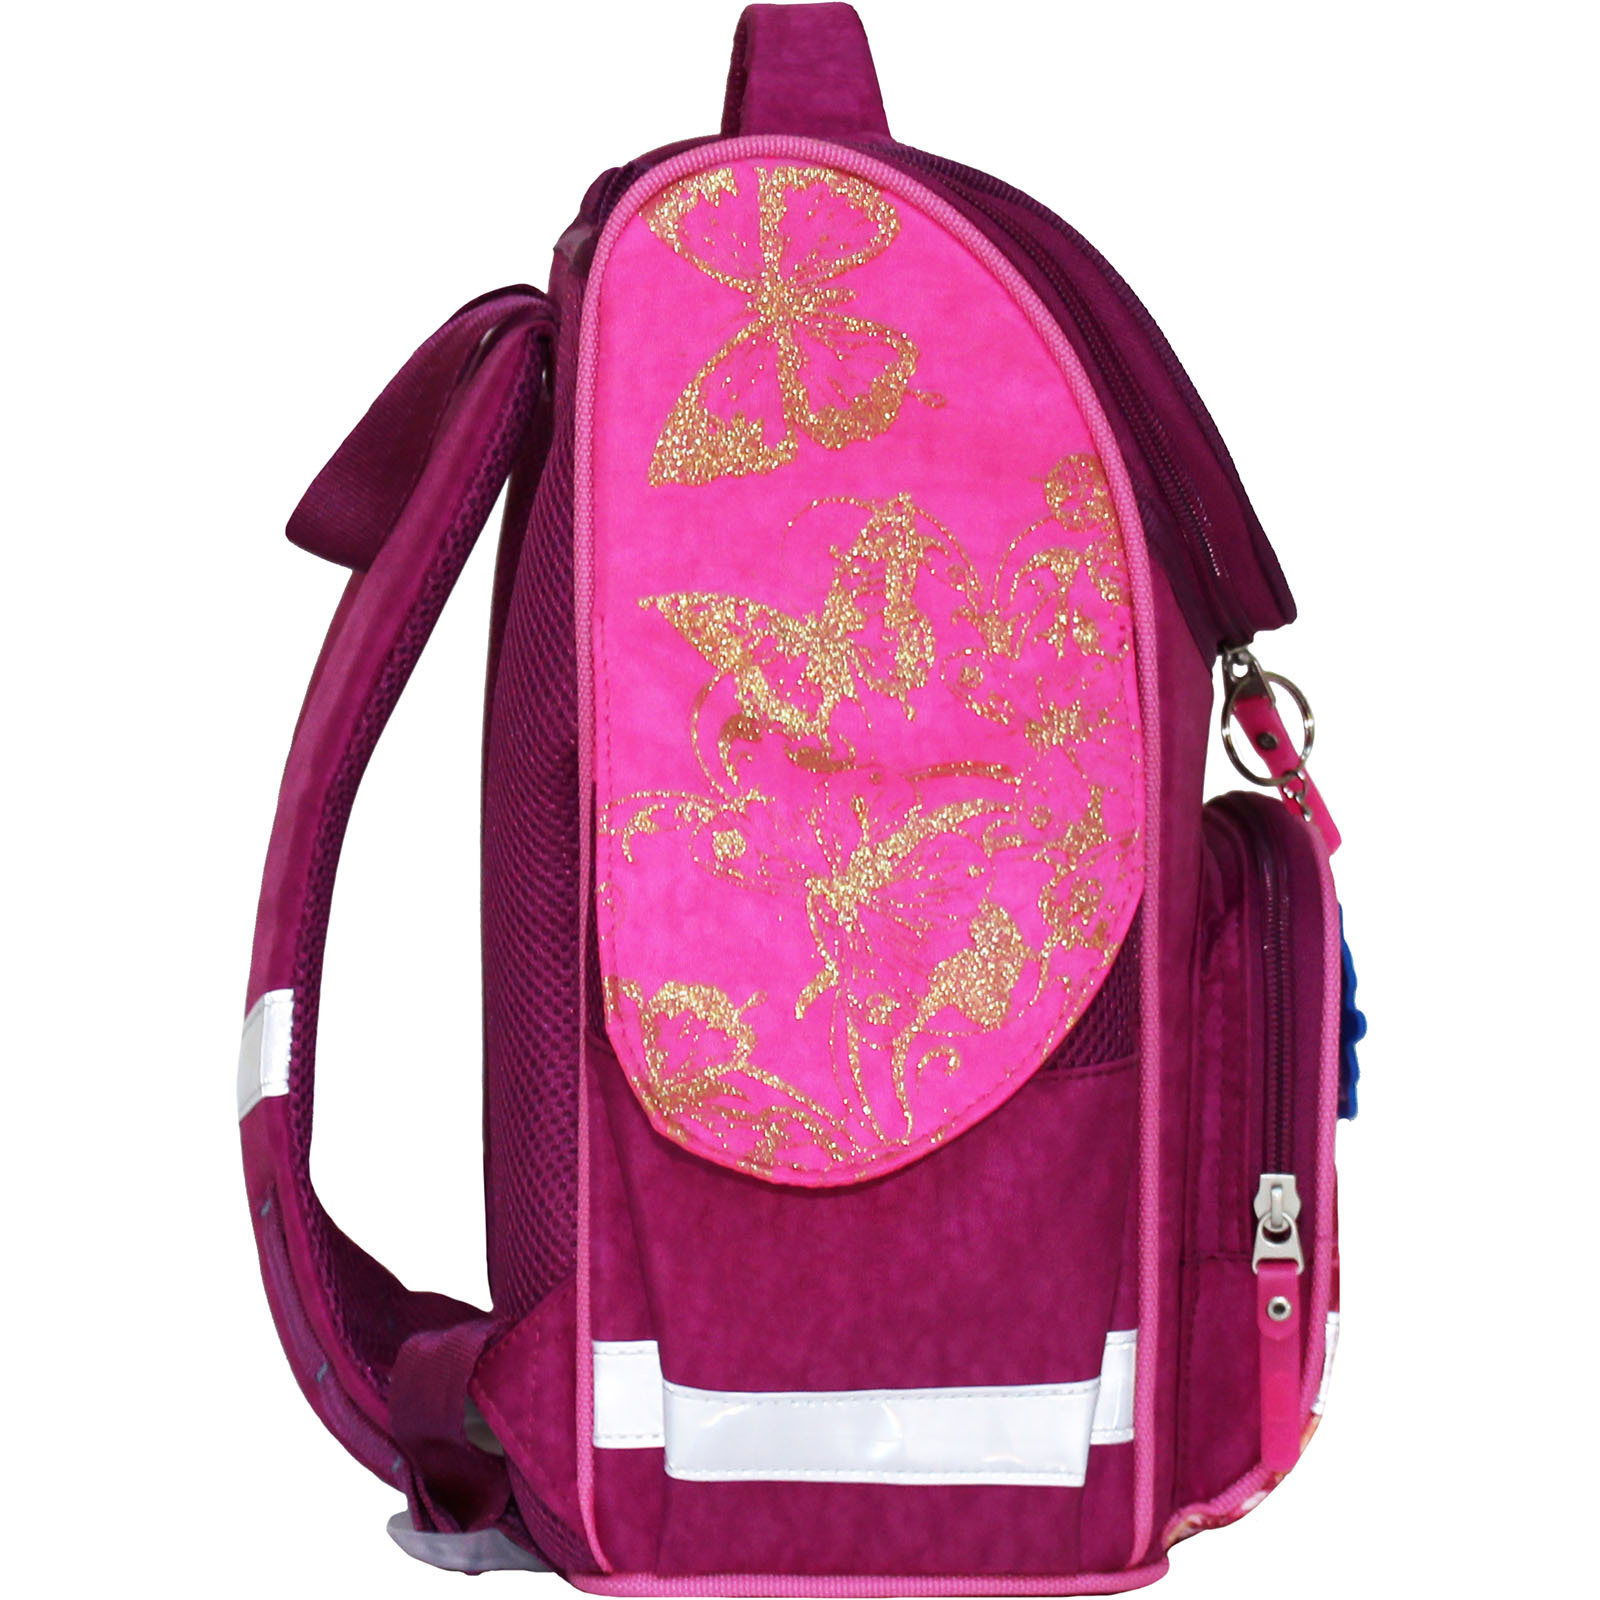 Рюкзак школьный каркасный с фонариками Bagland Успех 12 л. малиновый 389 (00551703)